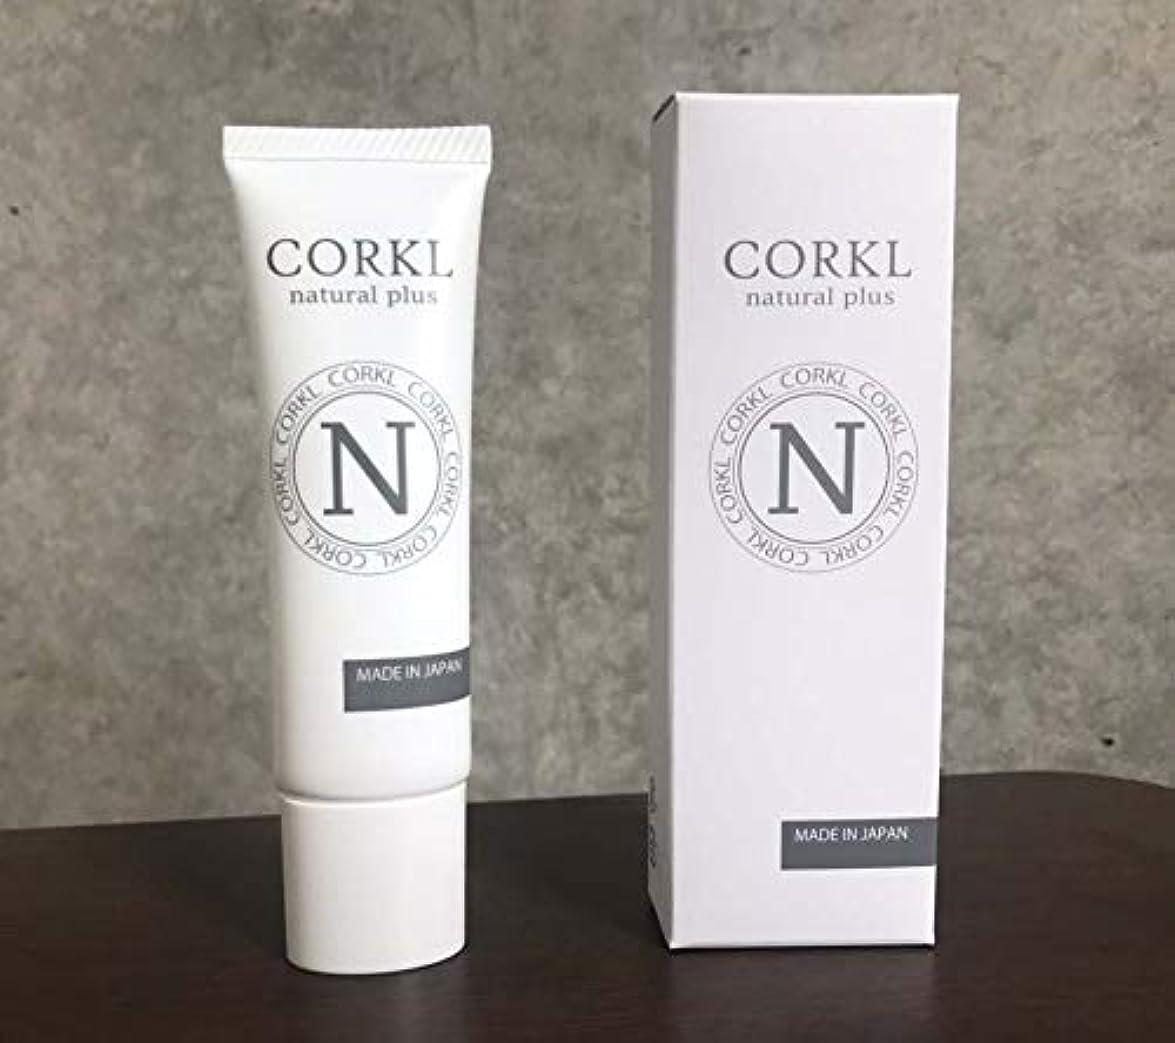 不完全ゴミ箱を空にする地下鉄コルクルナチュルクリーム(CORKL)手汗?顔汗に悩む方向けに開発された国産化粧品